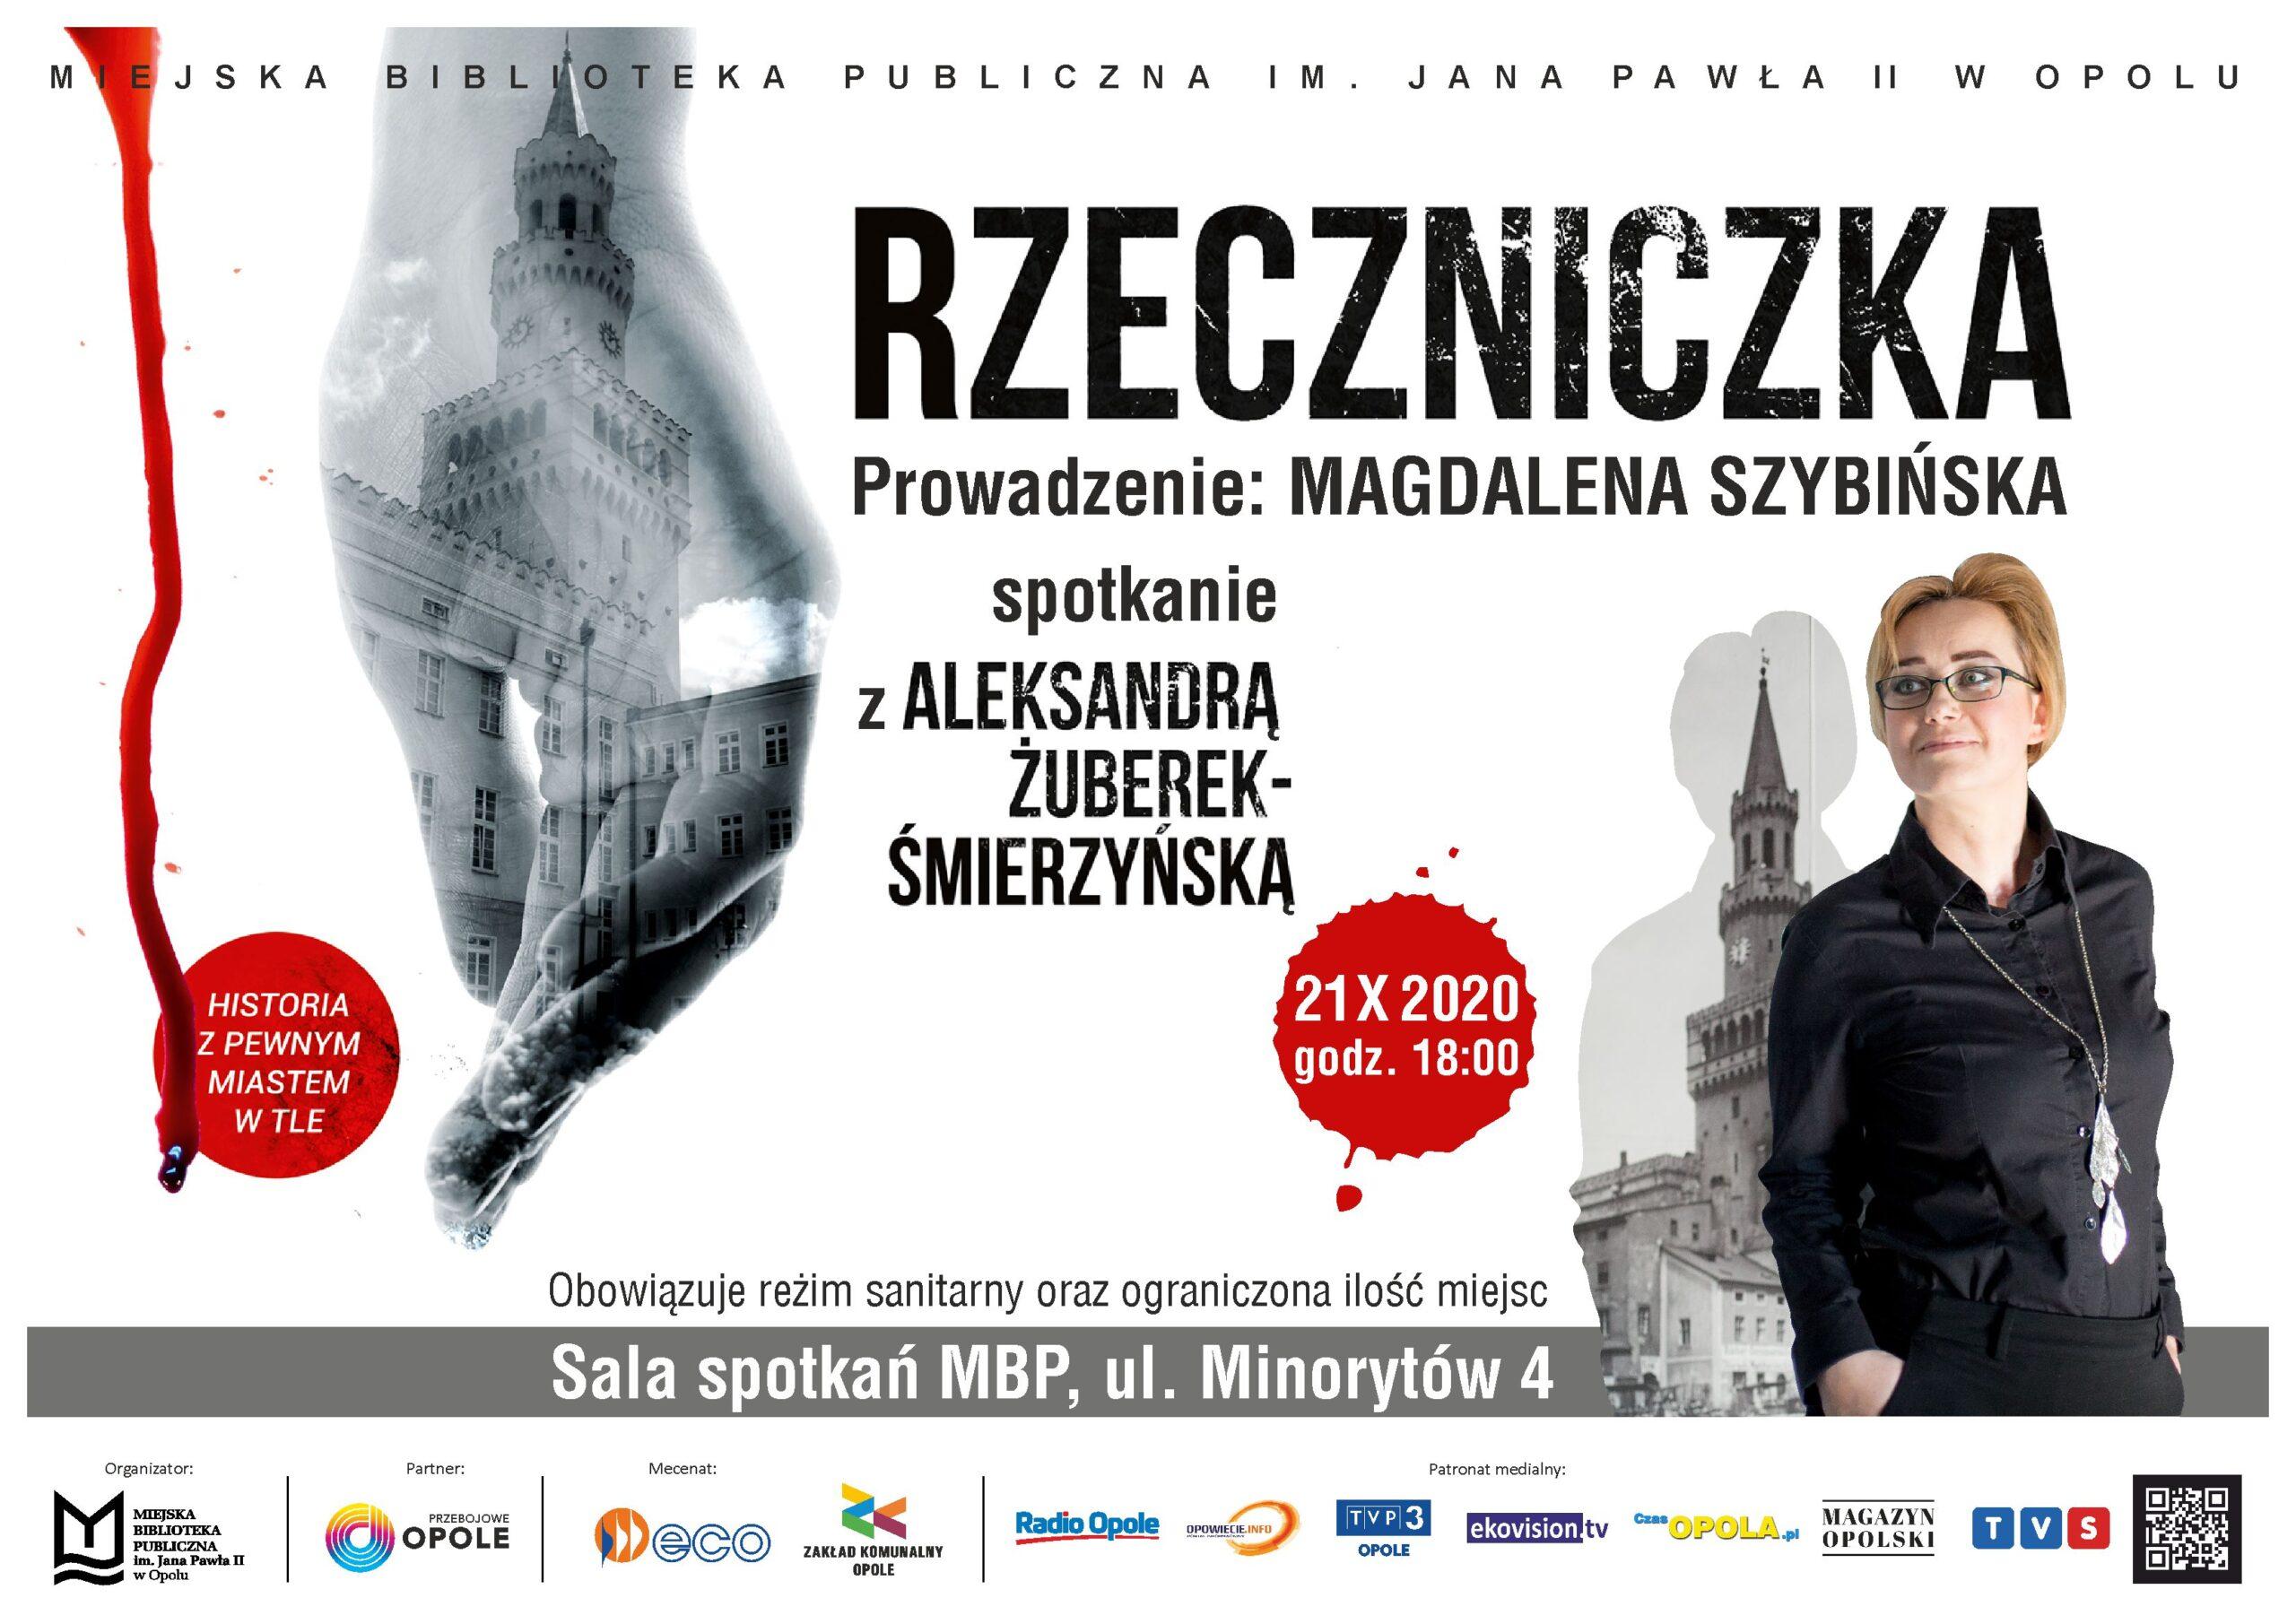 SPOTKANIE ODWOŁANE! // Rzeczniczka – spotkanie z Aleksandrą Żuberek-Śmierzyńską